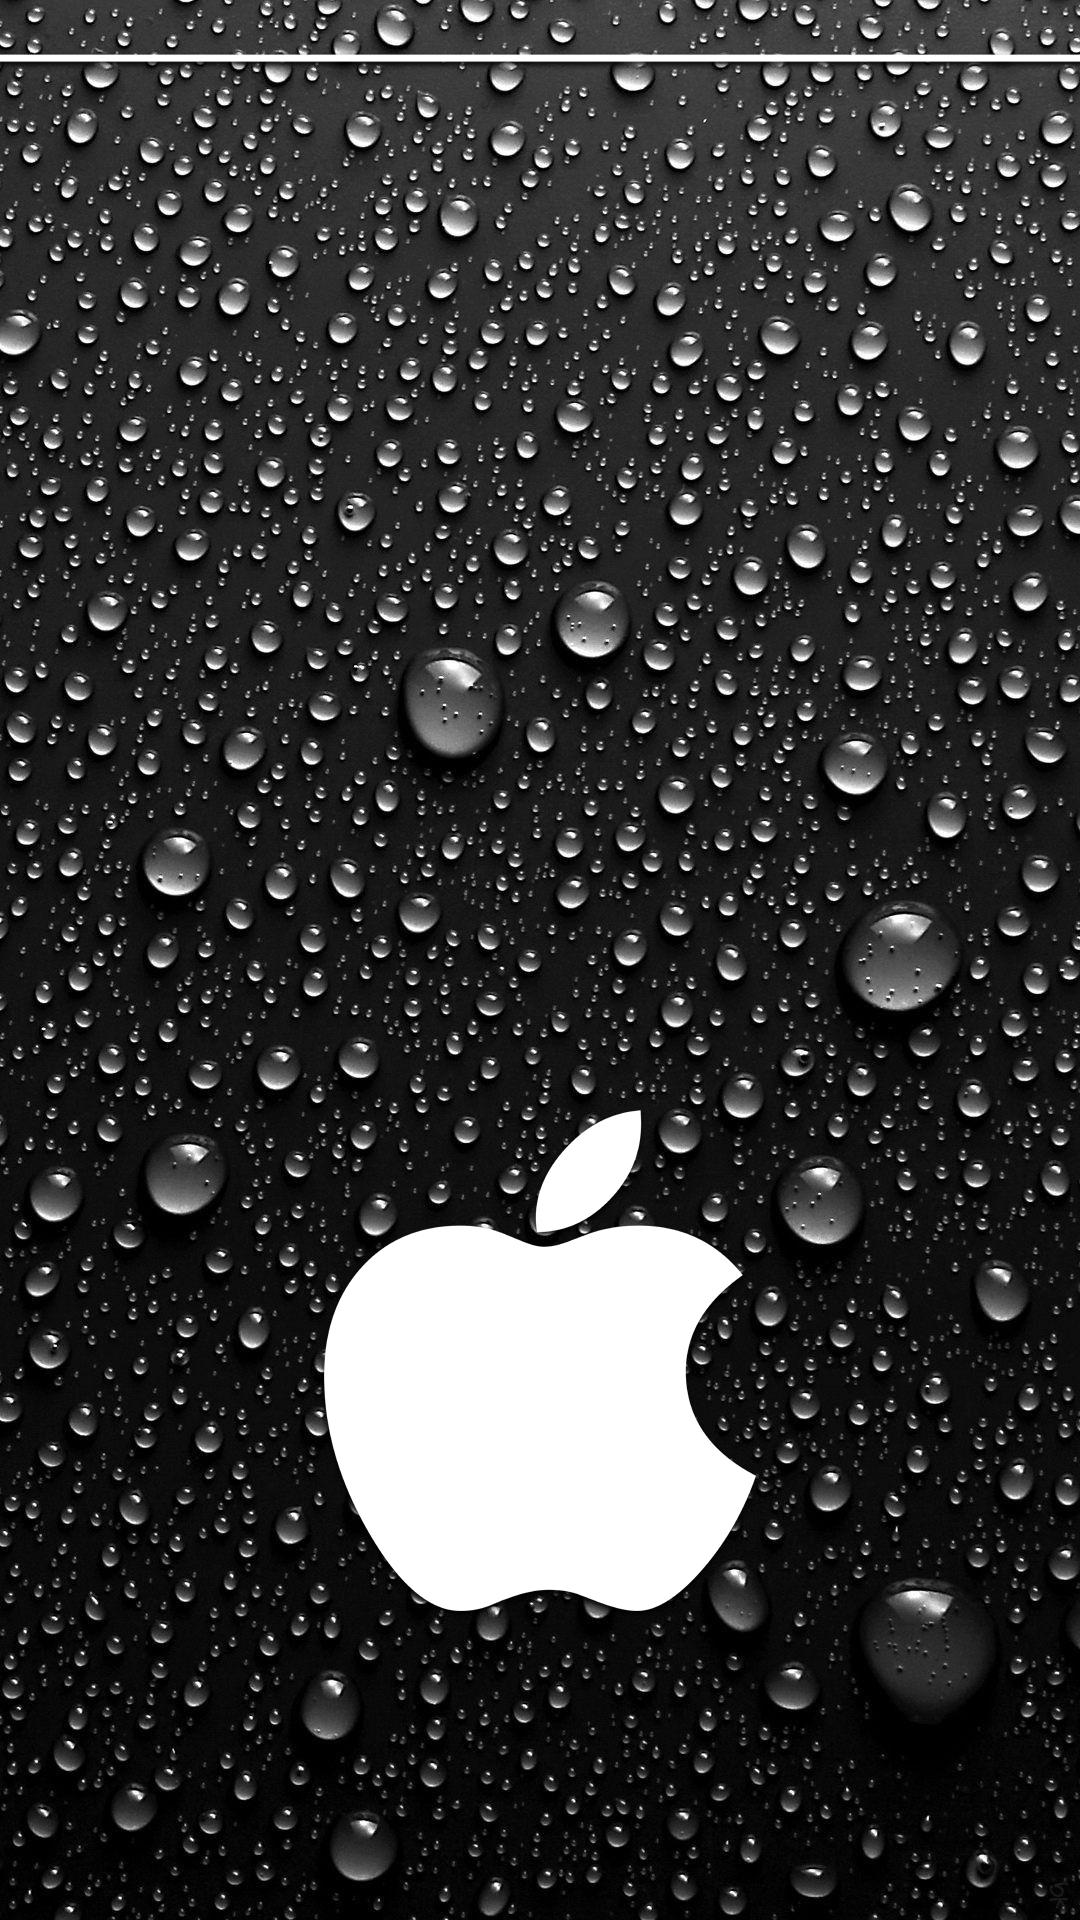 Beautiful Wallpaper Macbook Rain -   Graphic_97214.668975/